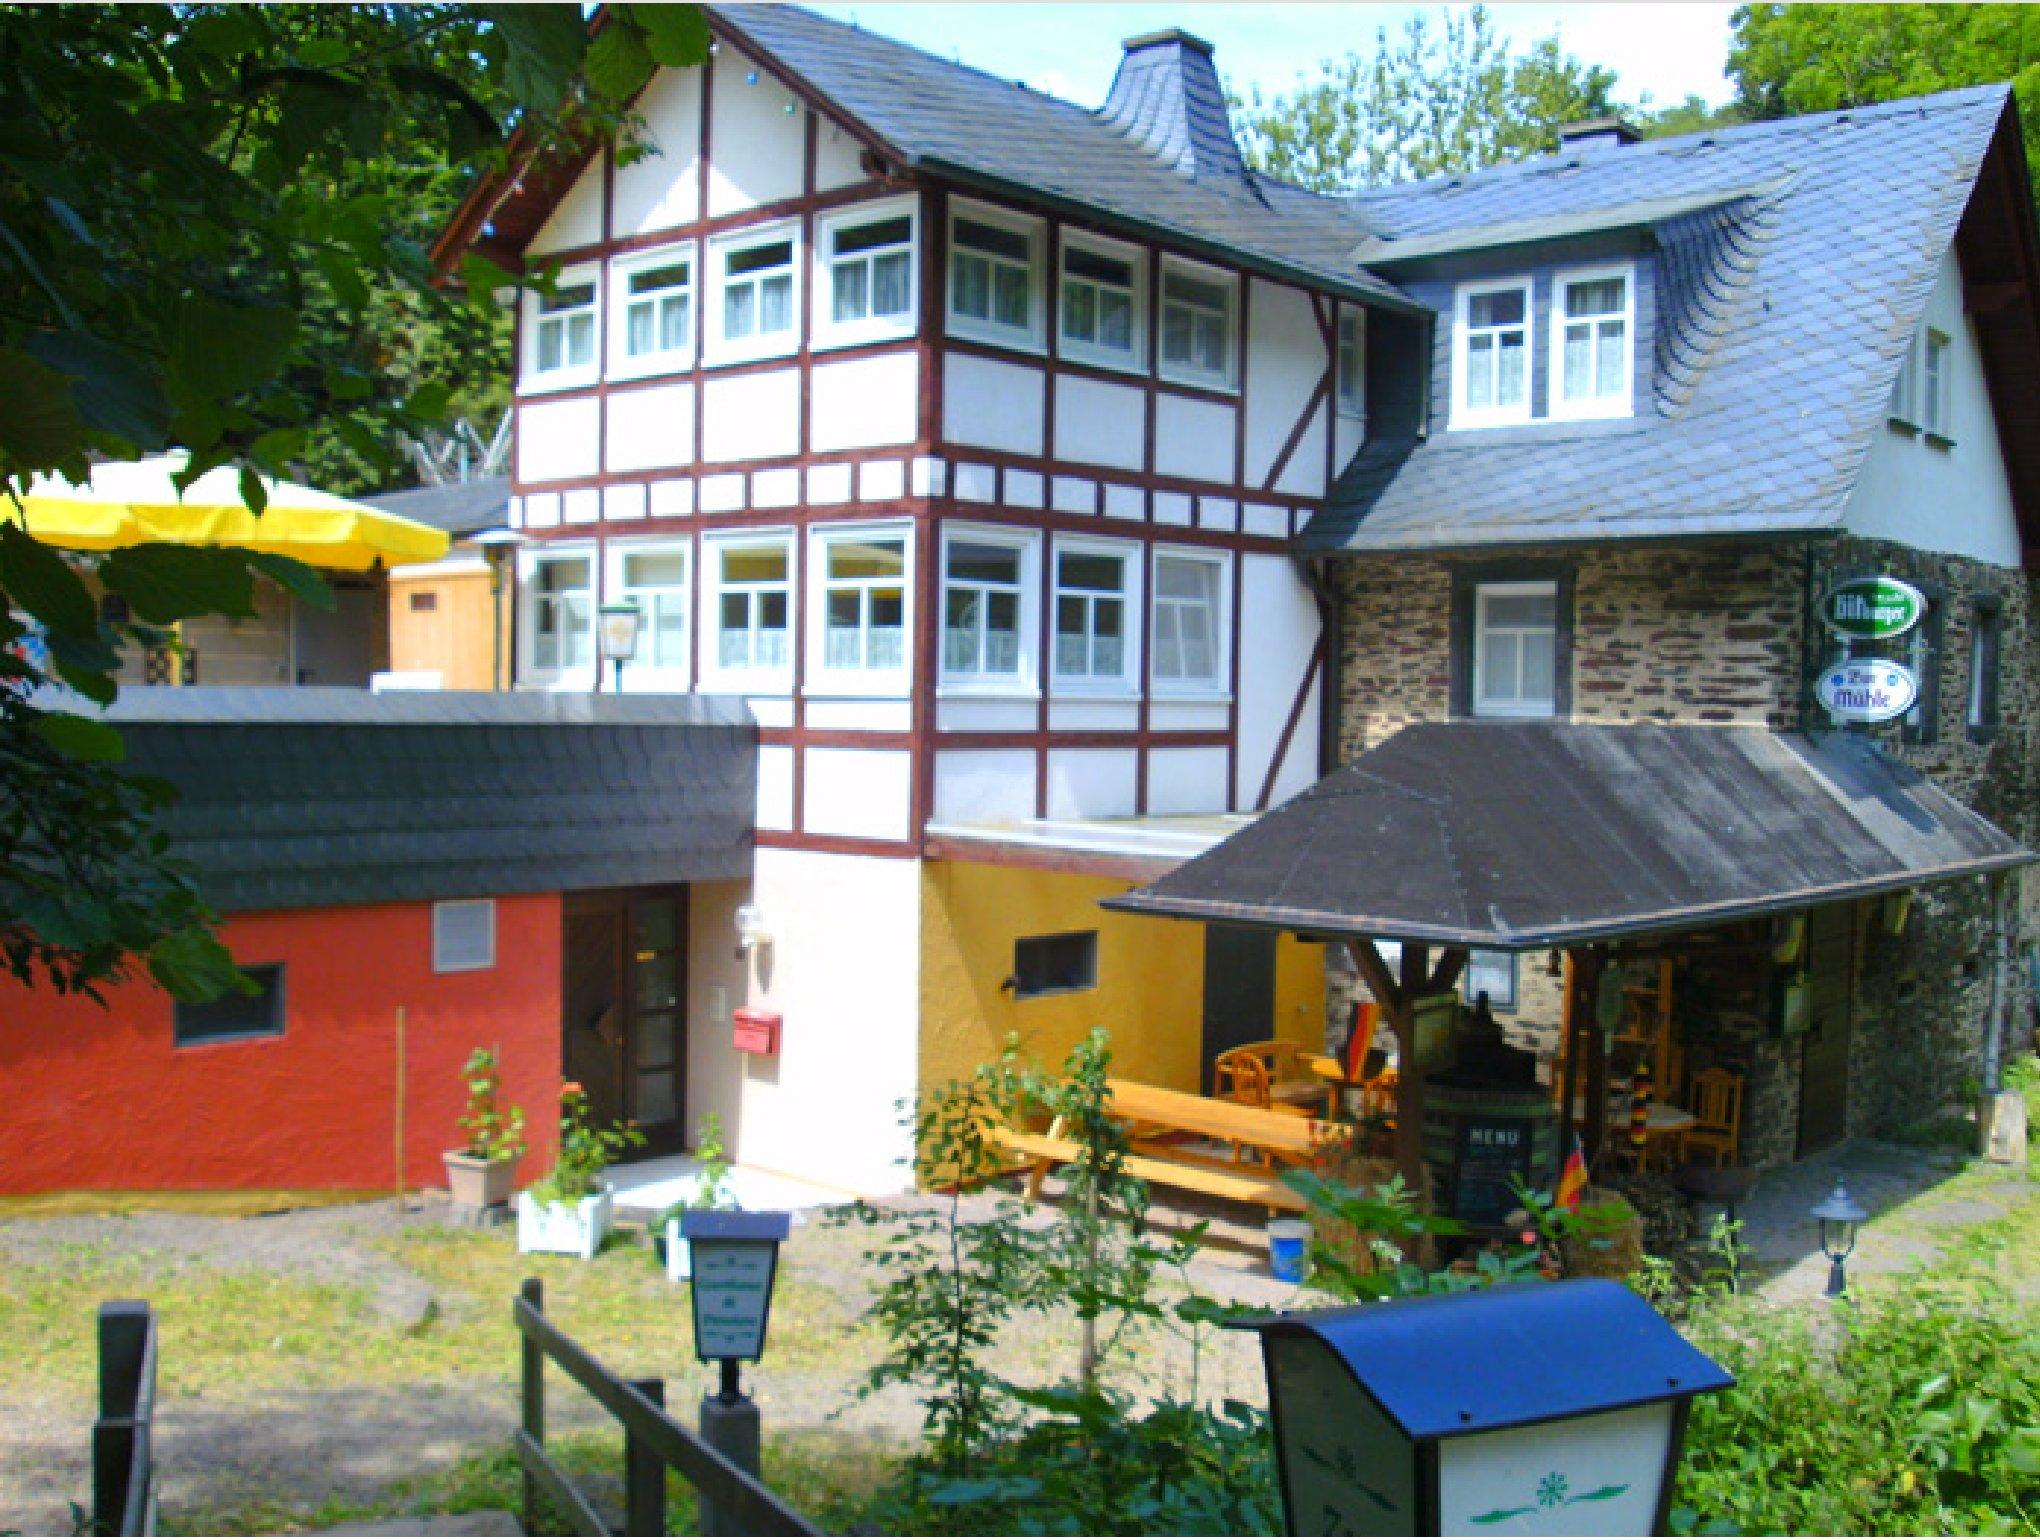 Hotel Linkemühle in Niederfell – HOTEL DE